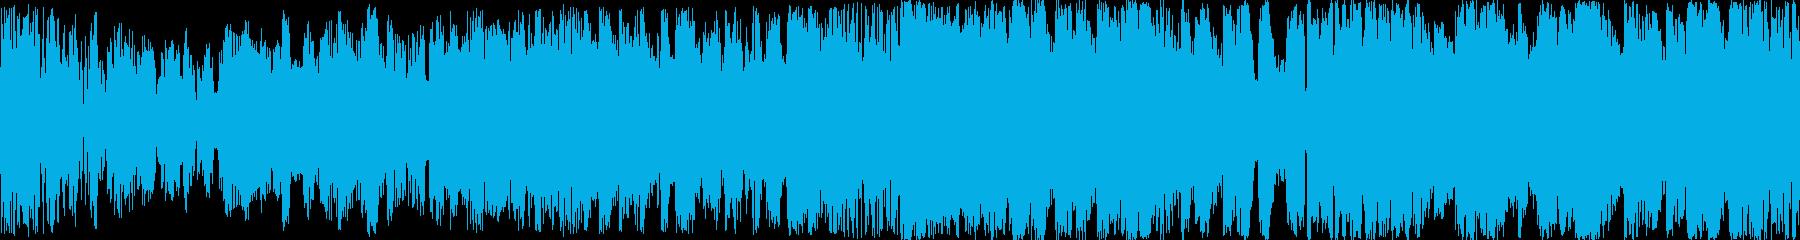 明確なハウスダンスエレクトロニカは...の再生済みの波形